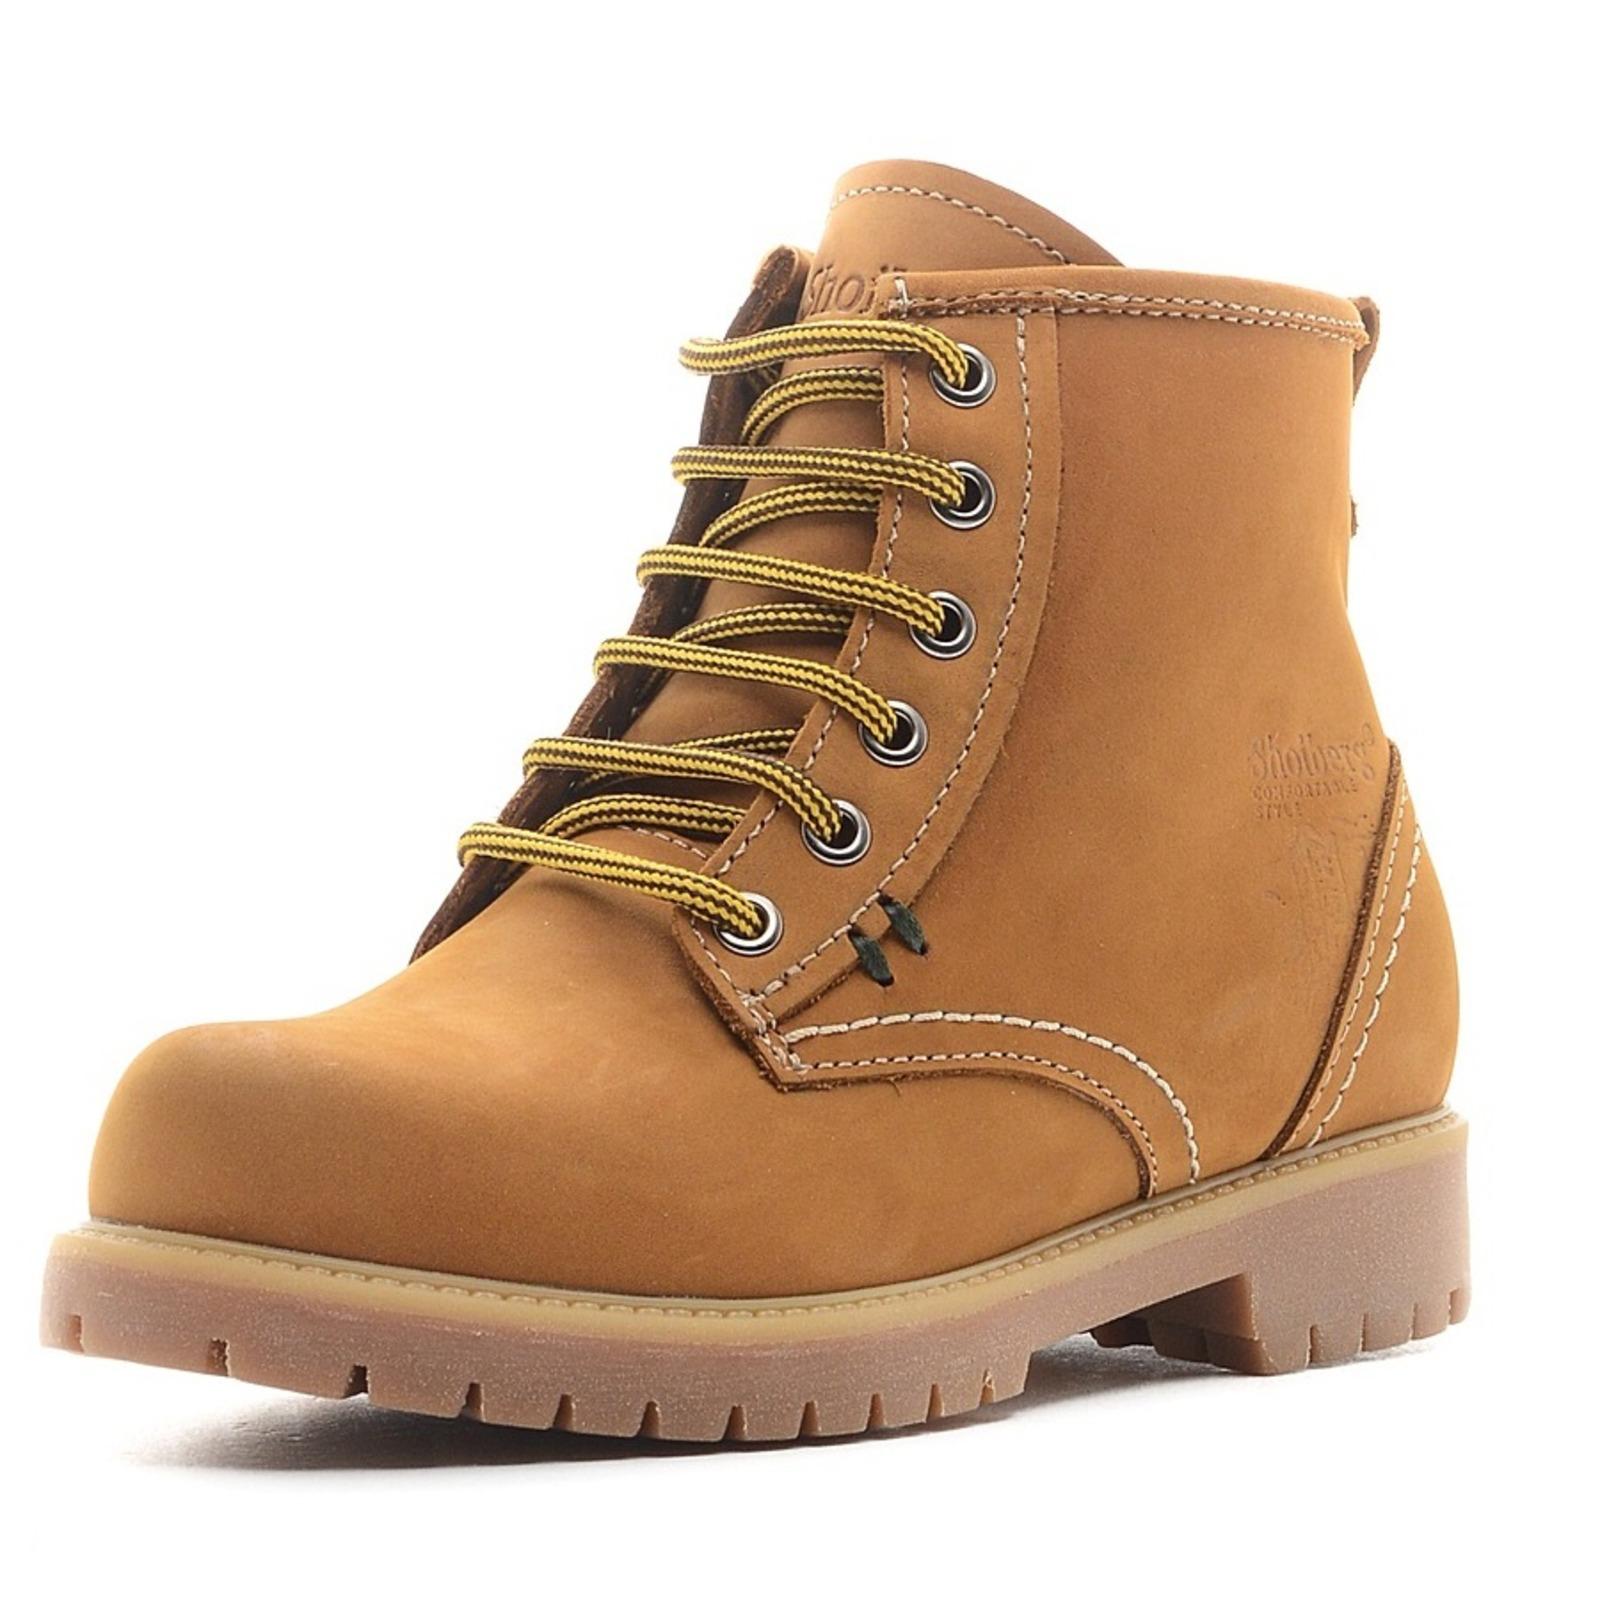 Женскиe ботинки на утолщенной подошвe мужские ботинки shoiberg